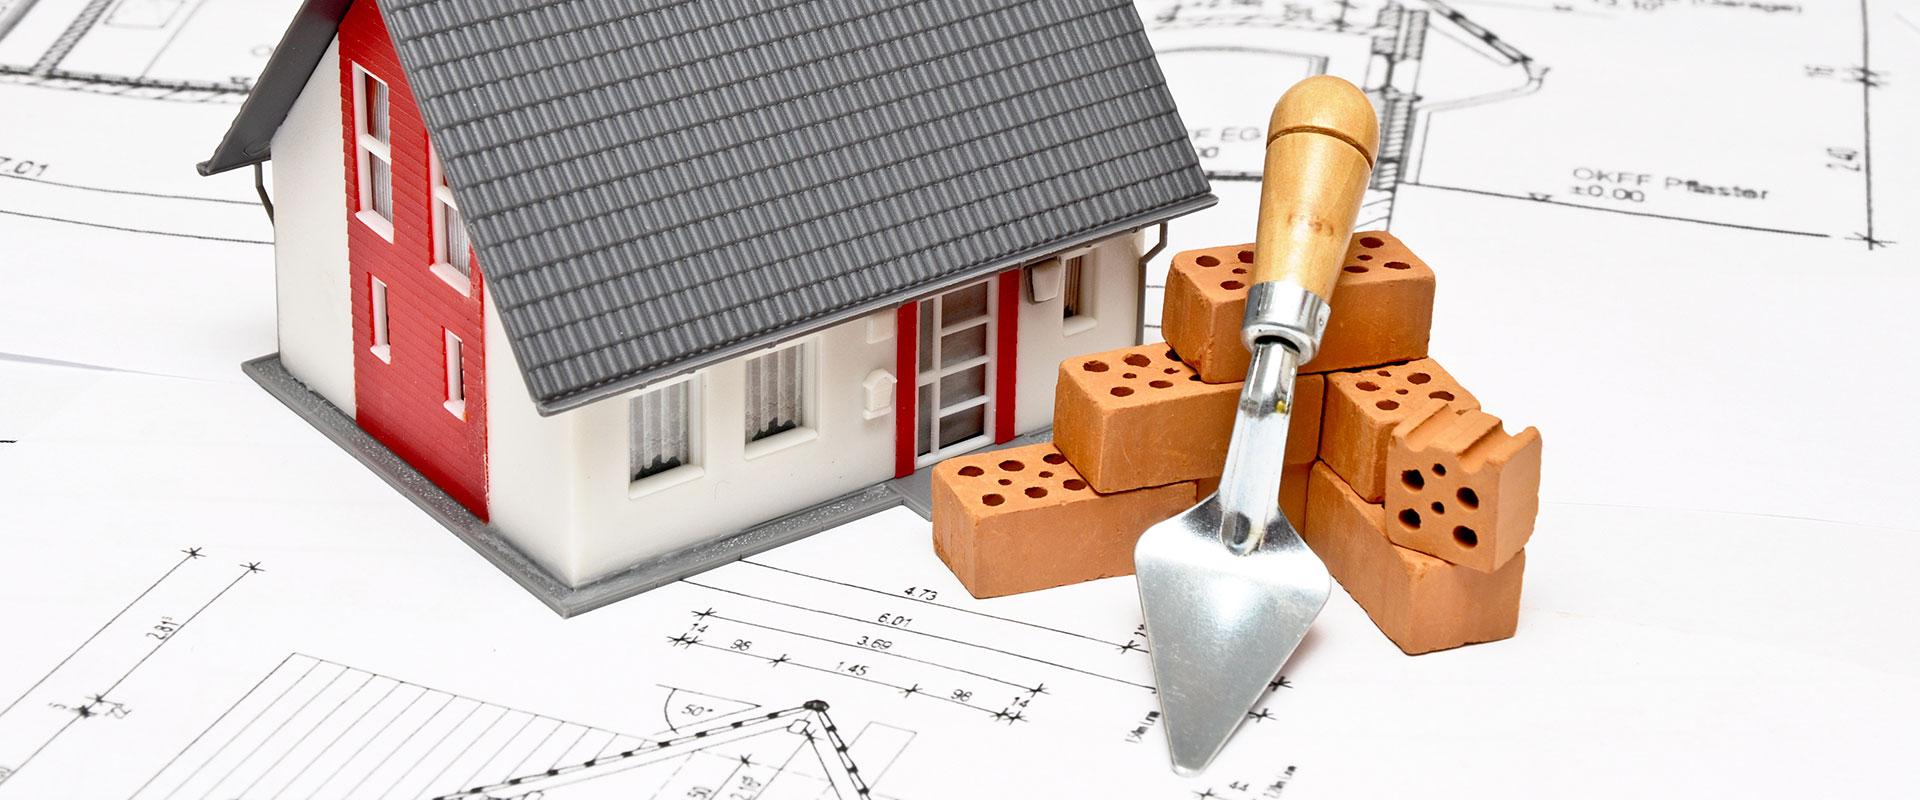 Abbildung Modellhaus und Bausteine